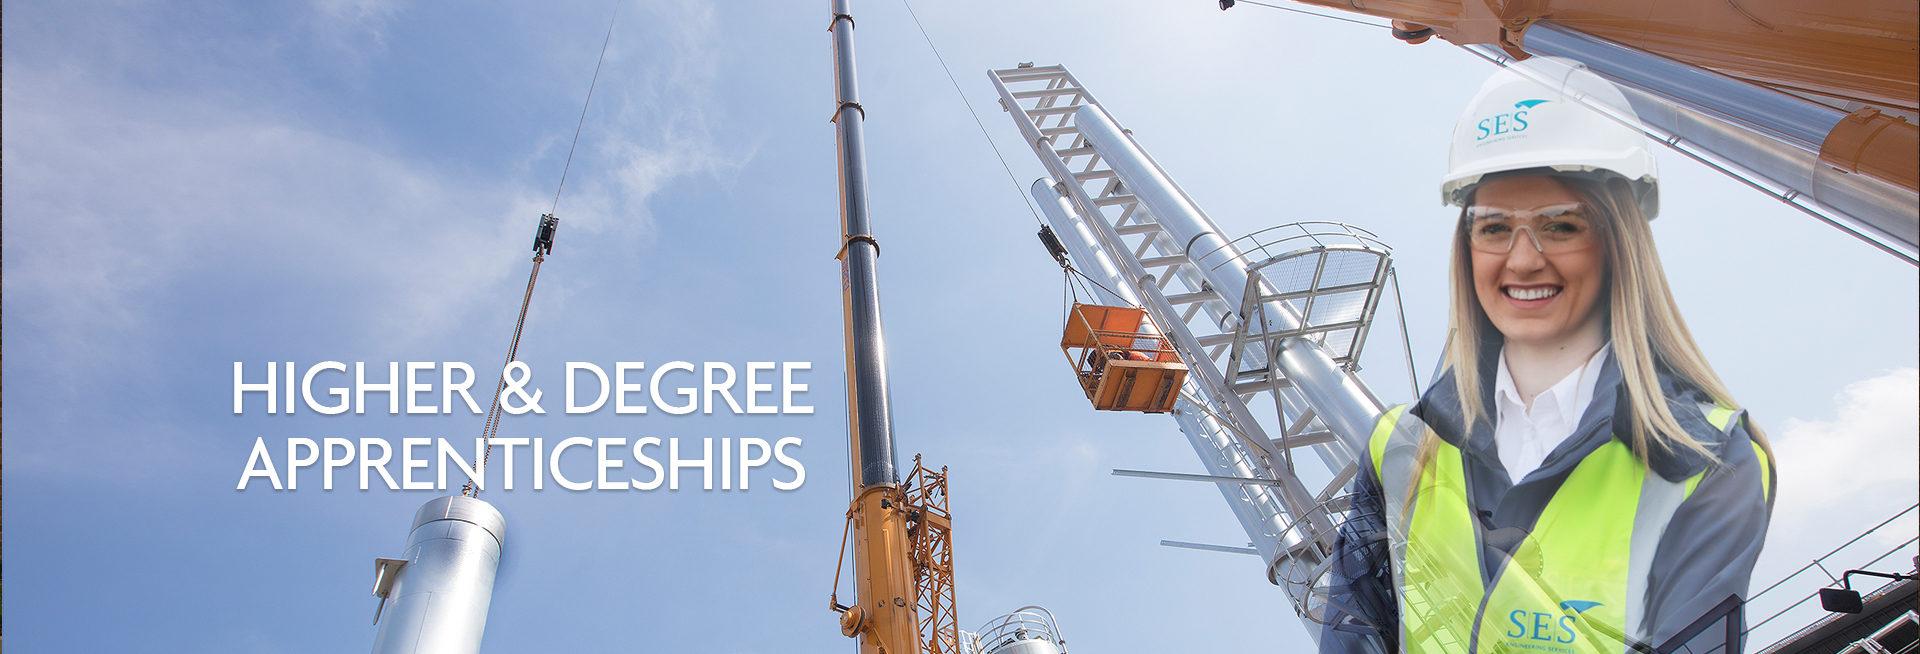 Higher Degree Apprenticeships